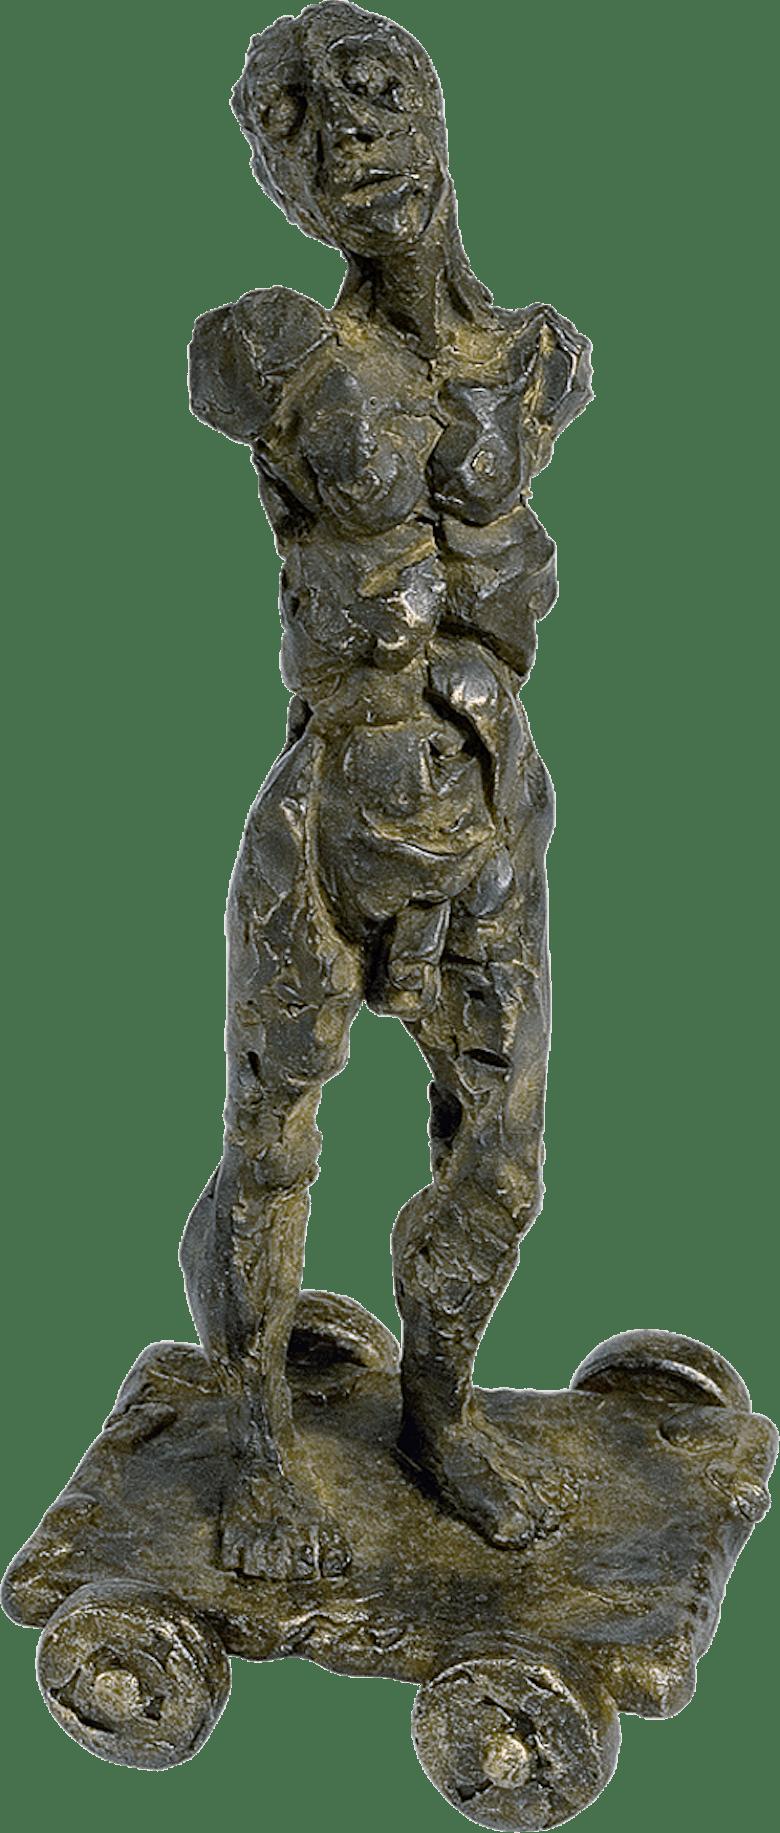 Bronzefigur Mann mit Wagen von Manuel Donato Diez